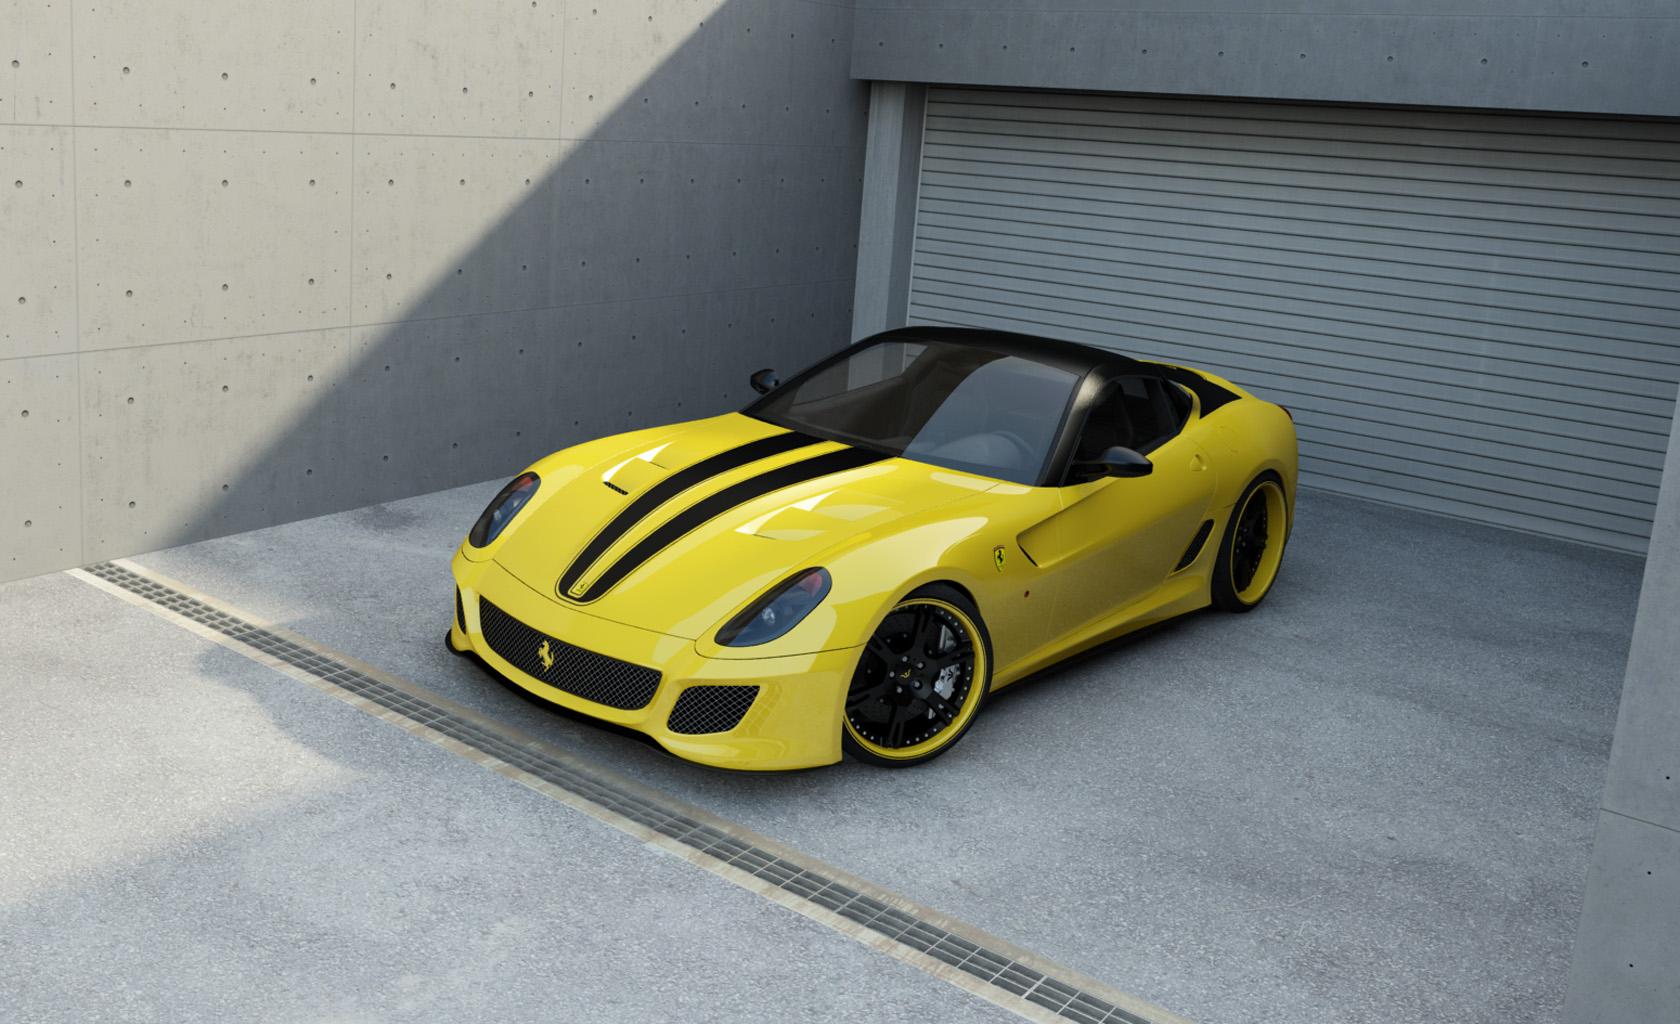 Wheelsandmore Ferrari 599 Gto Picture 62284